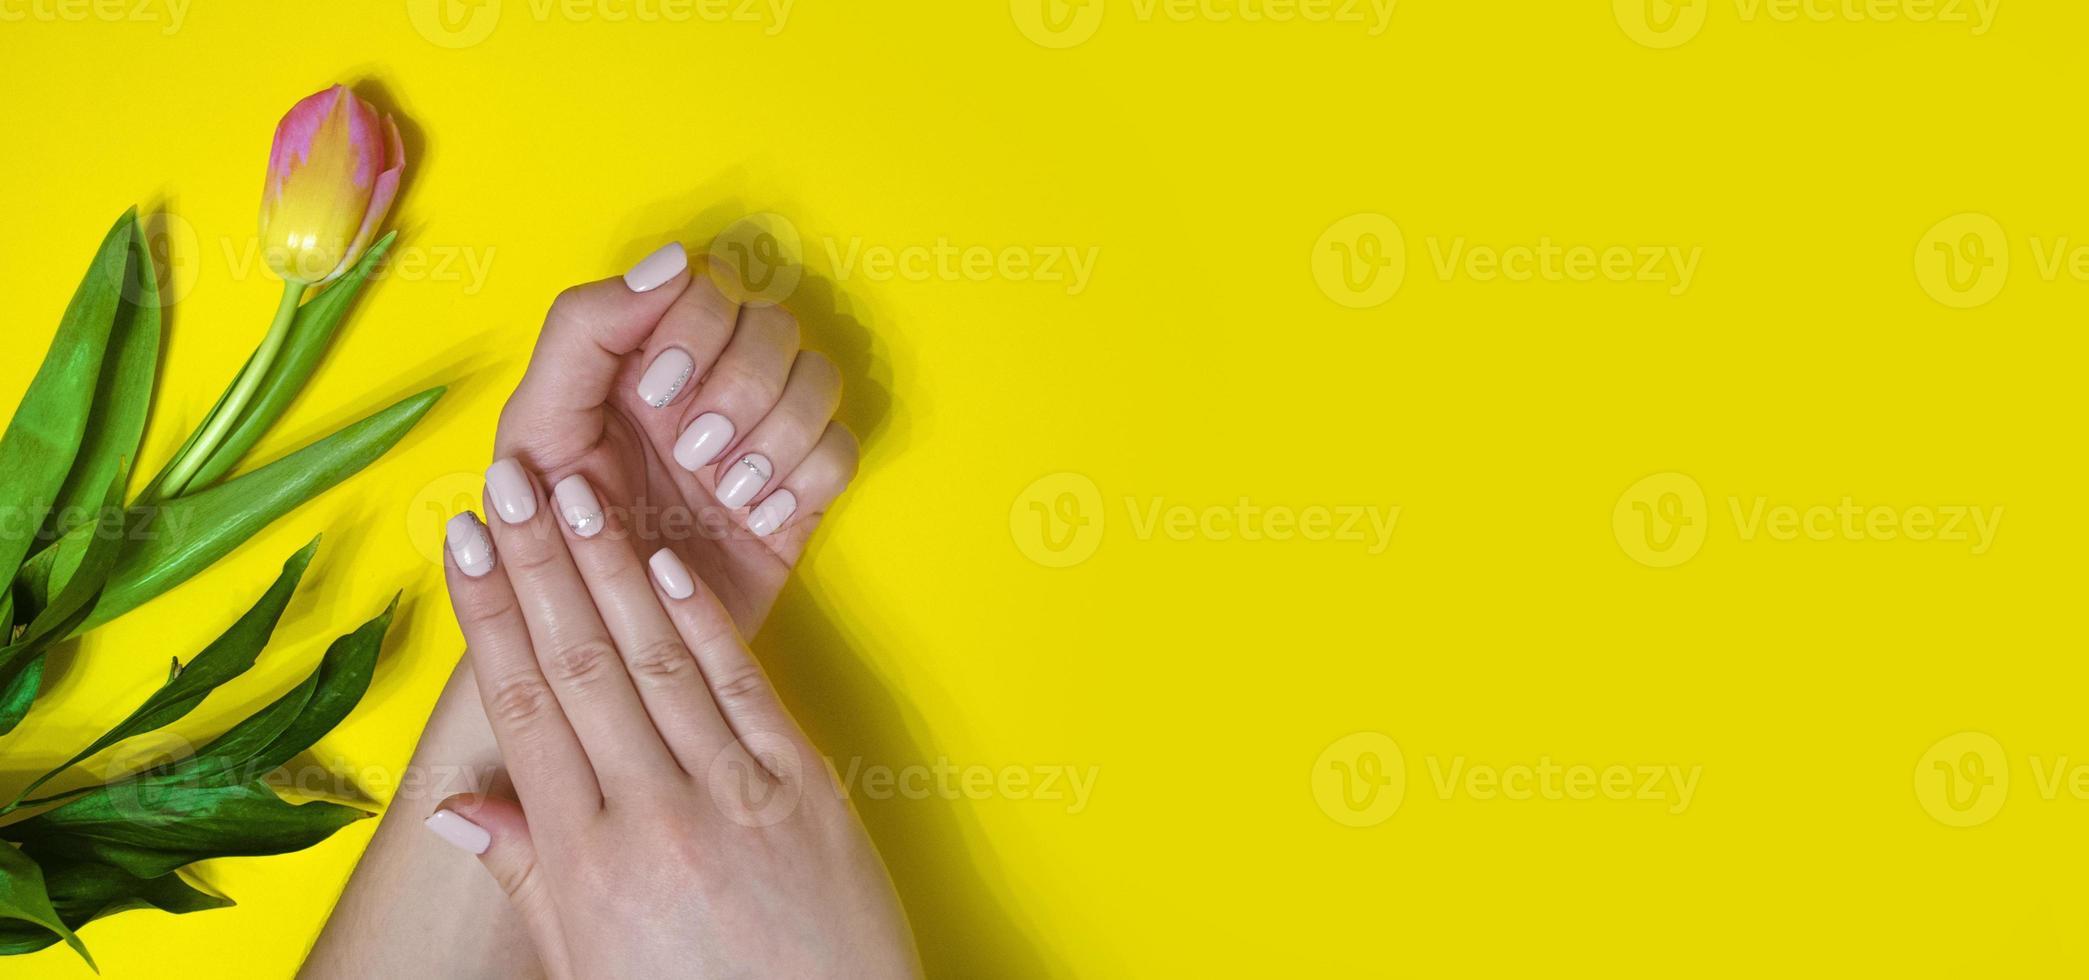 weibliche Maniküre auf hellem Hintergrund. Gelb foto